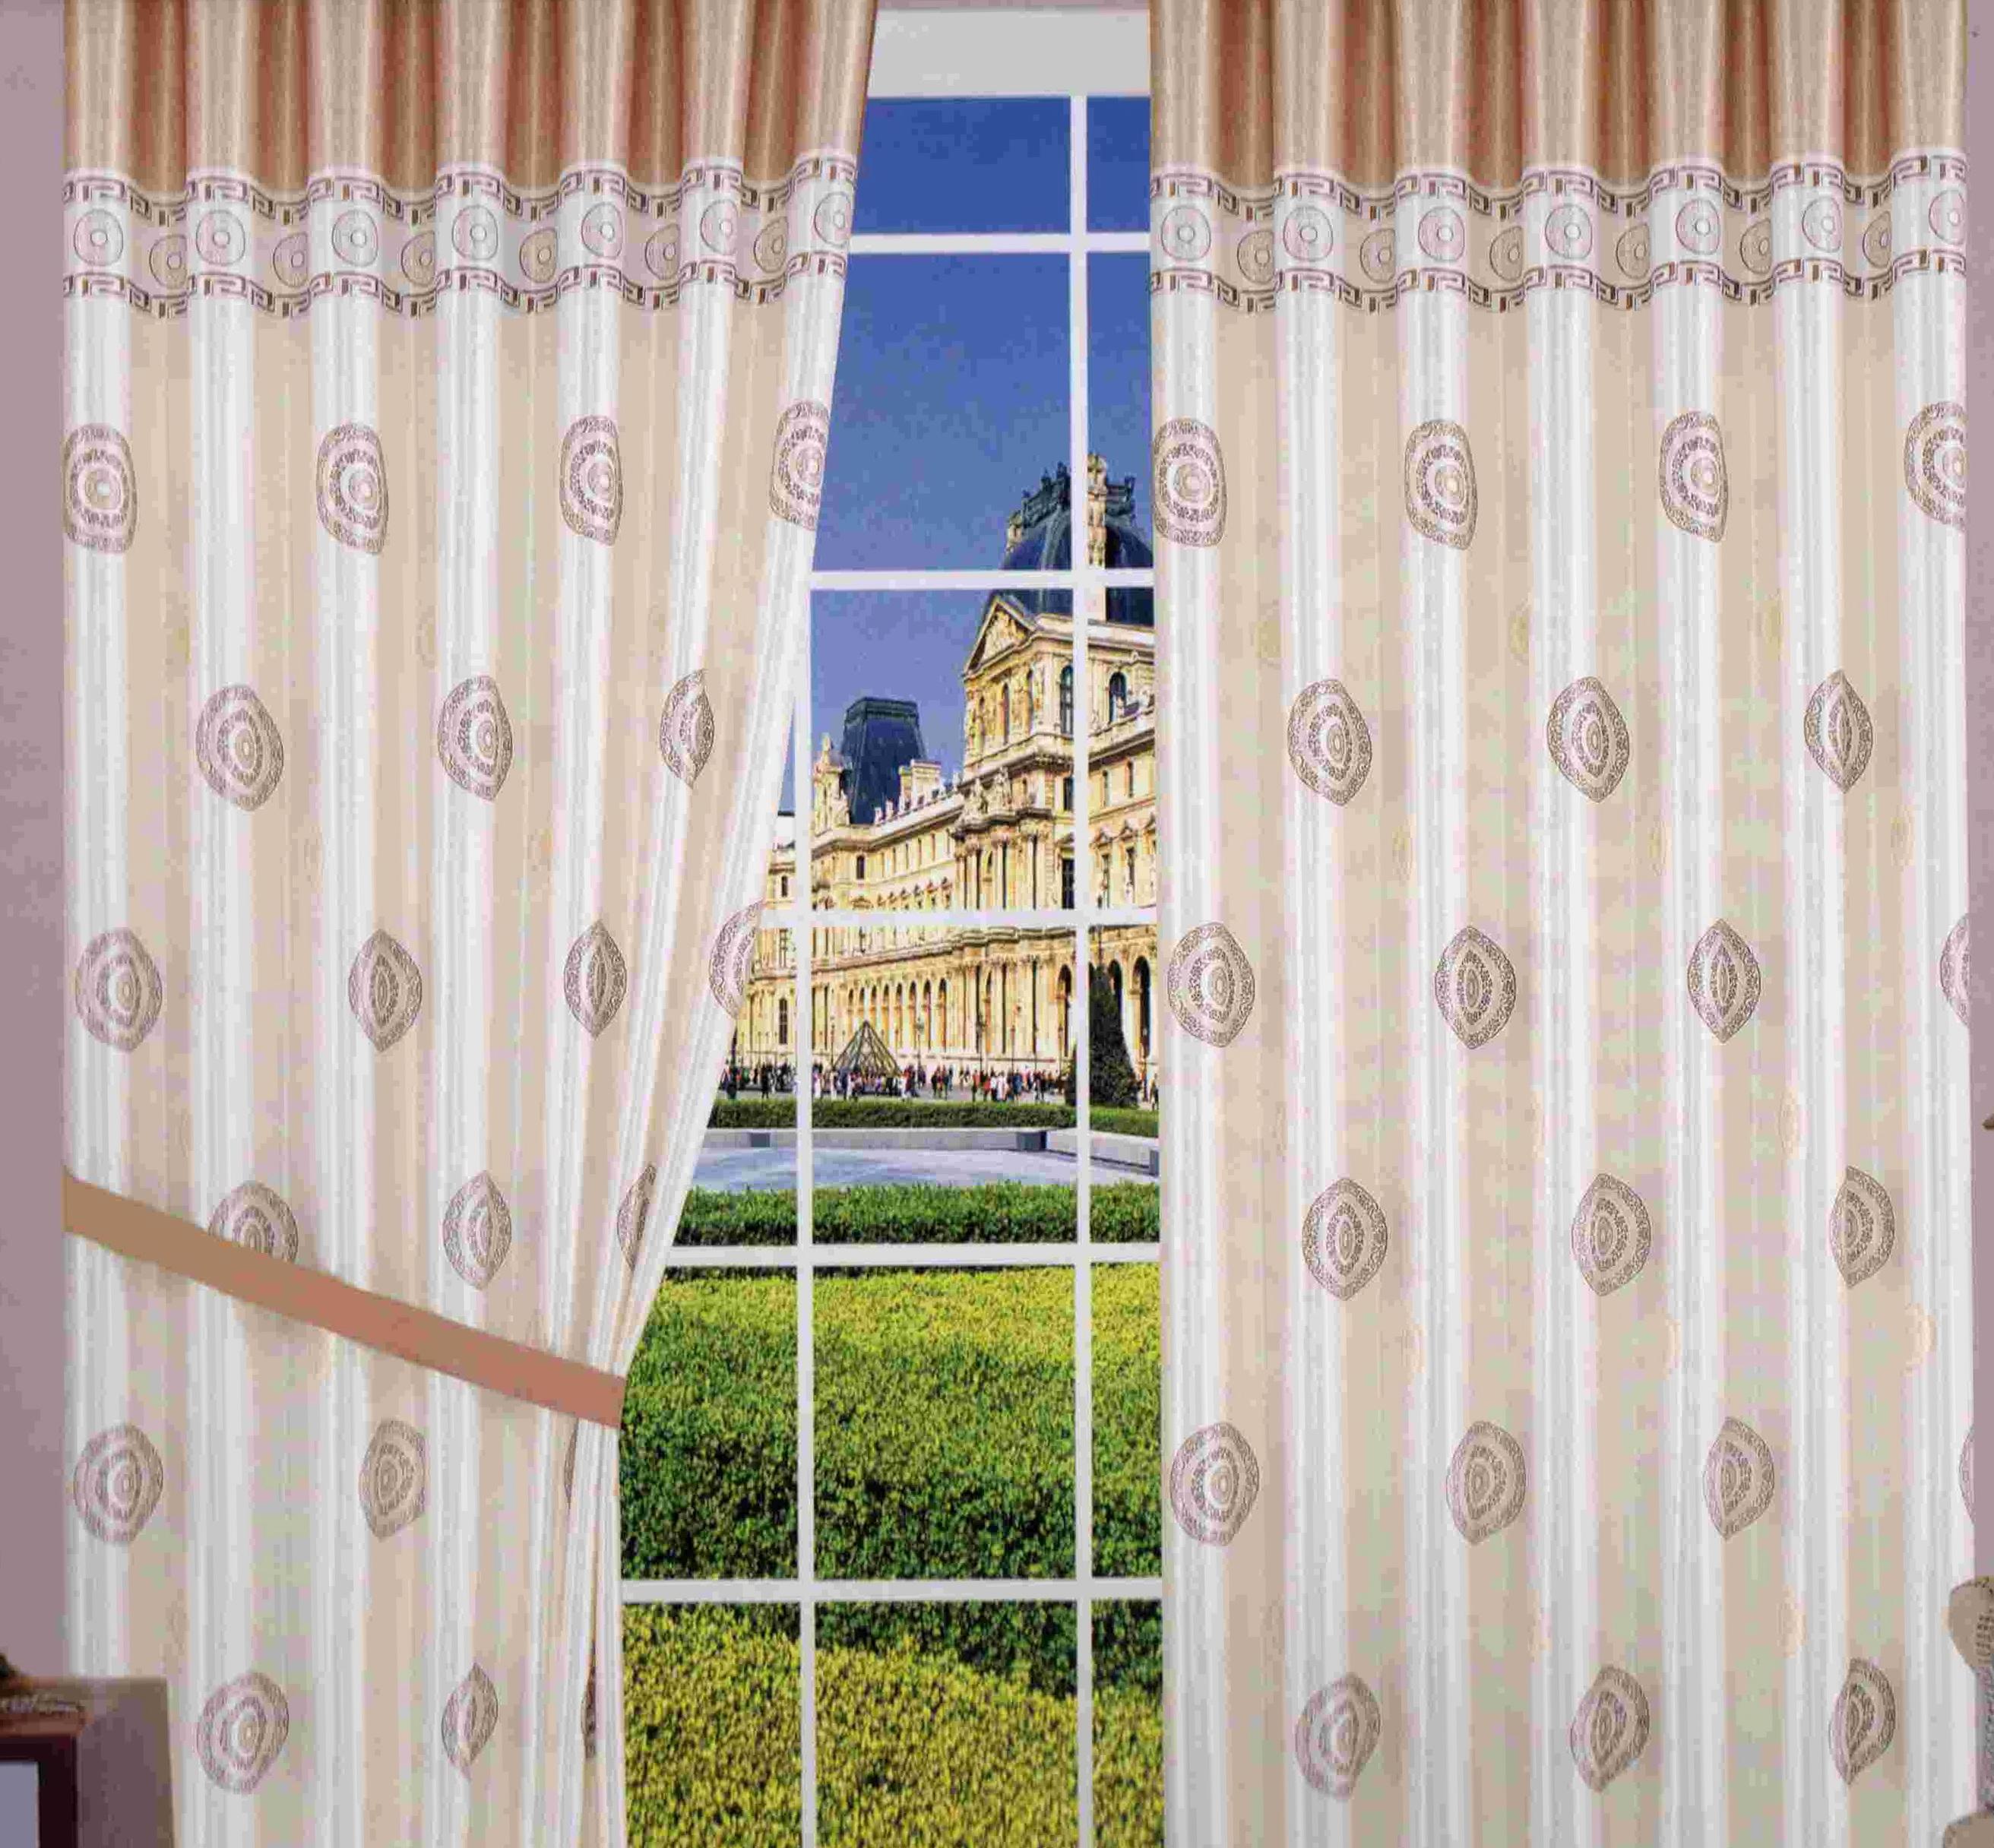 blackout curtain liner target home design ideas. Black Bedroom Furniture Sets. Home Design Ideas